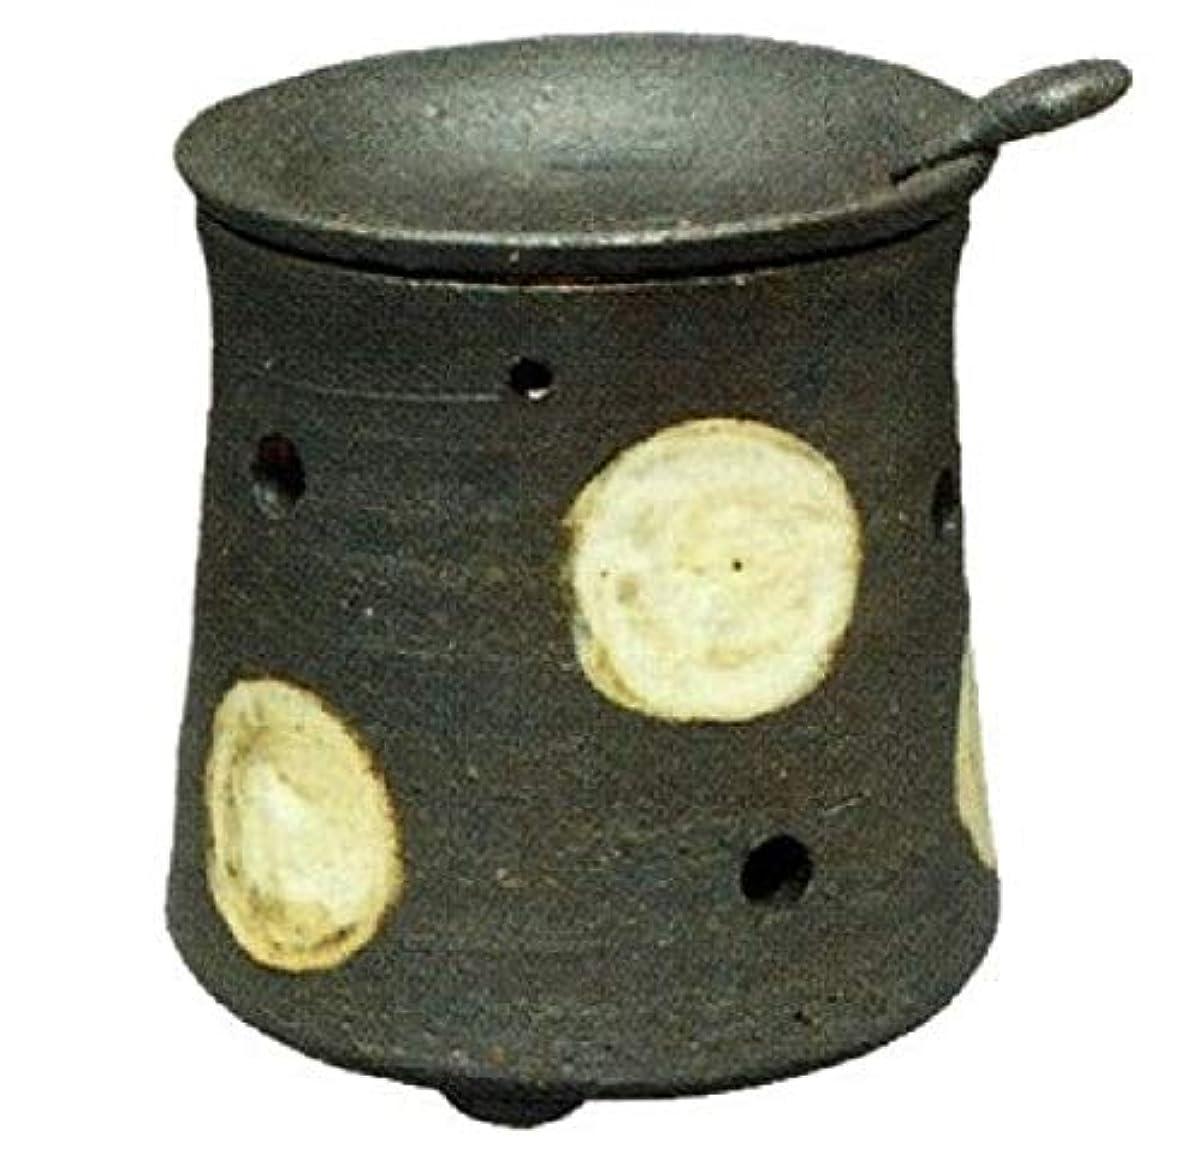 レポートを書く証人レイプ常滑焼?焜清 カ39-08 茶香炉 ドット 径9.5×9.5cm